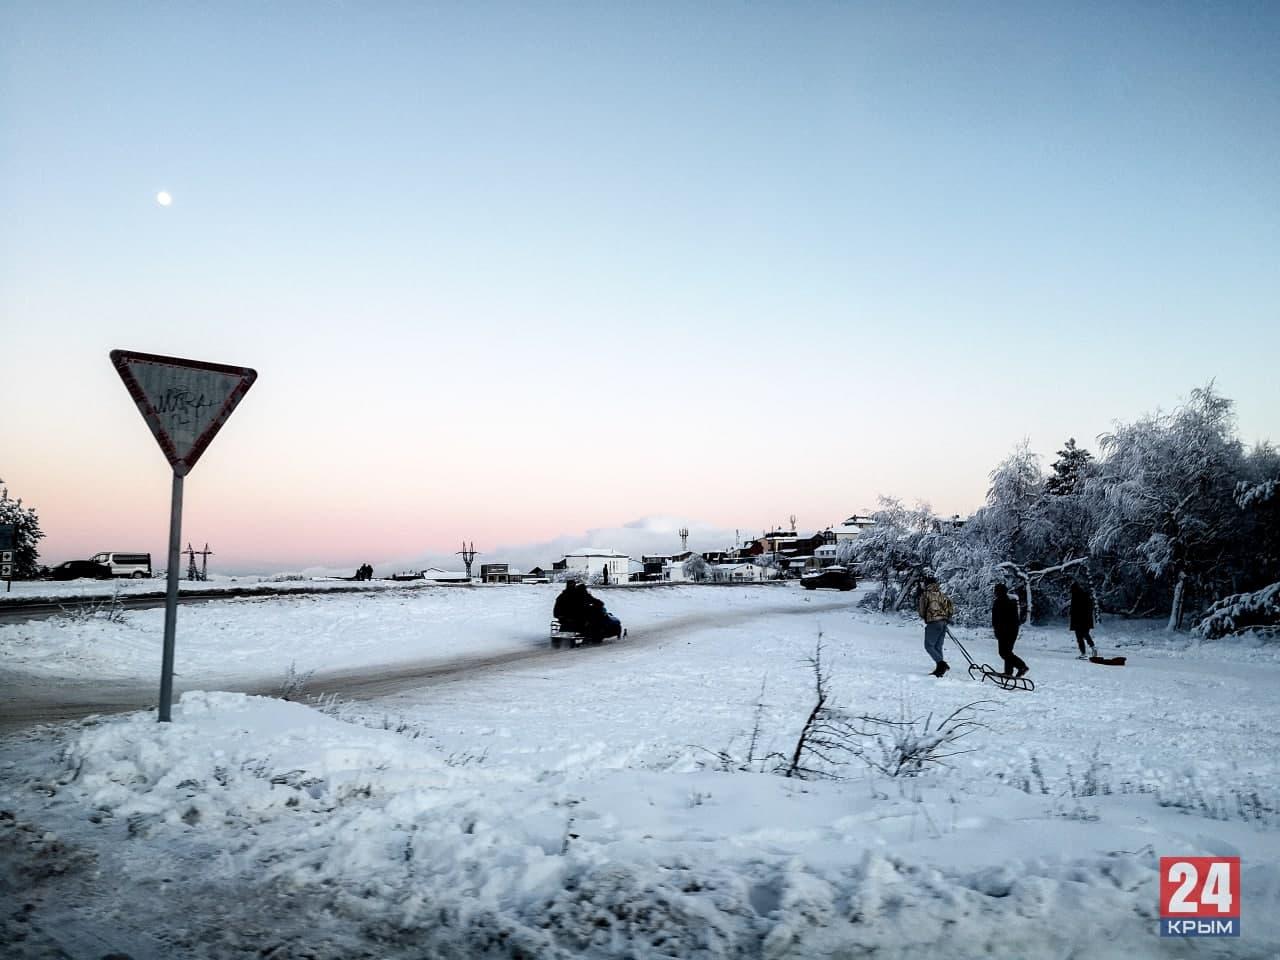 Где в Крыму снег: куда ехать, чтобы покататься на лыжах, санках, тюбингах